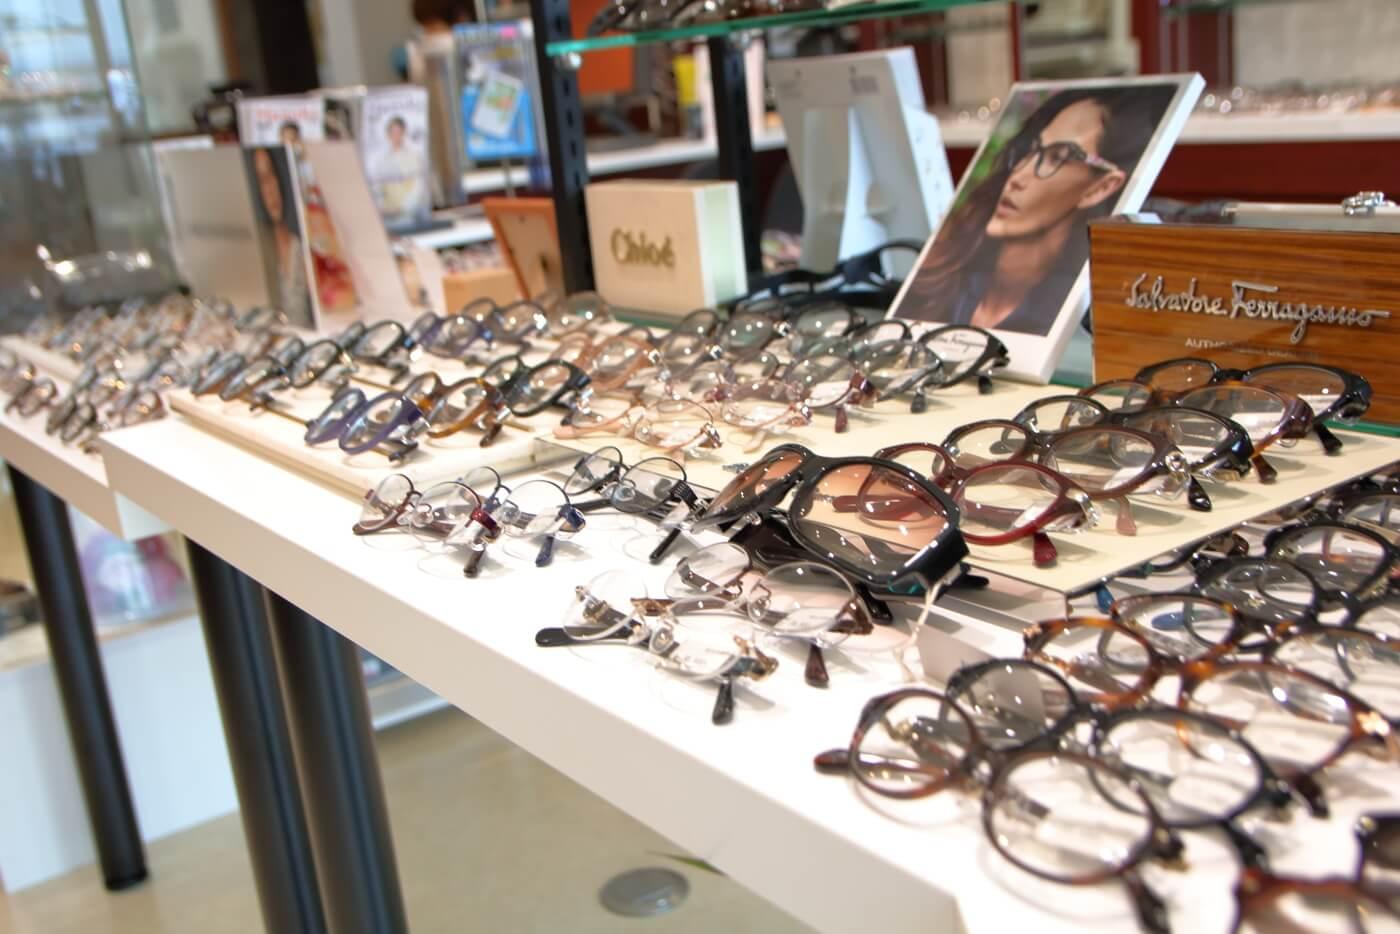 高知市上町の眼鏡店ミナミメガネの店内に陳列されたメガネ